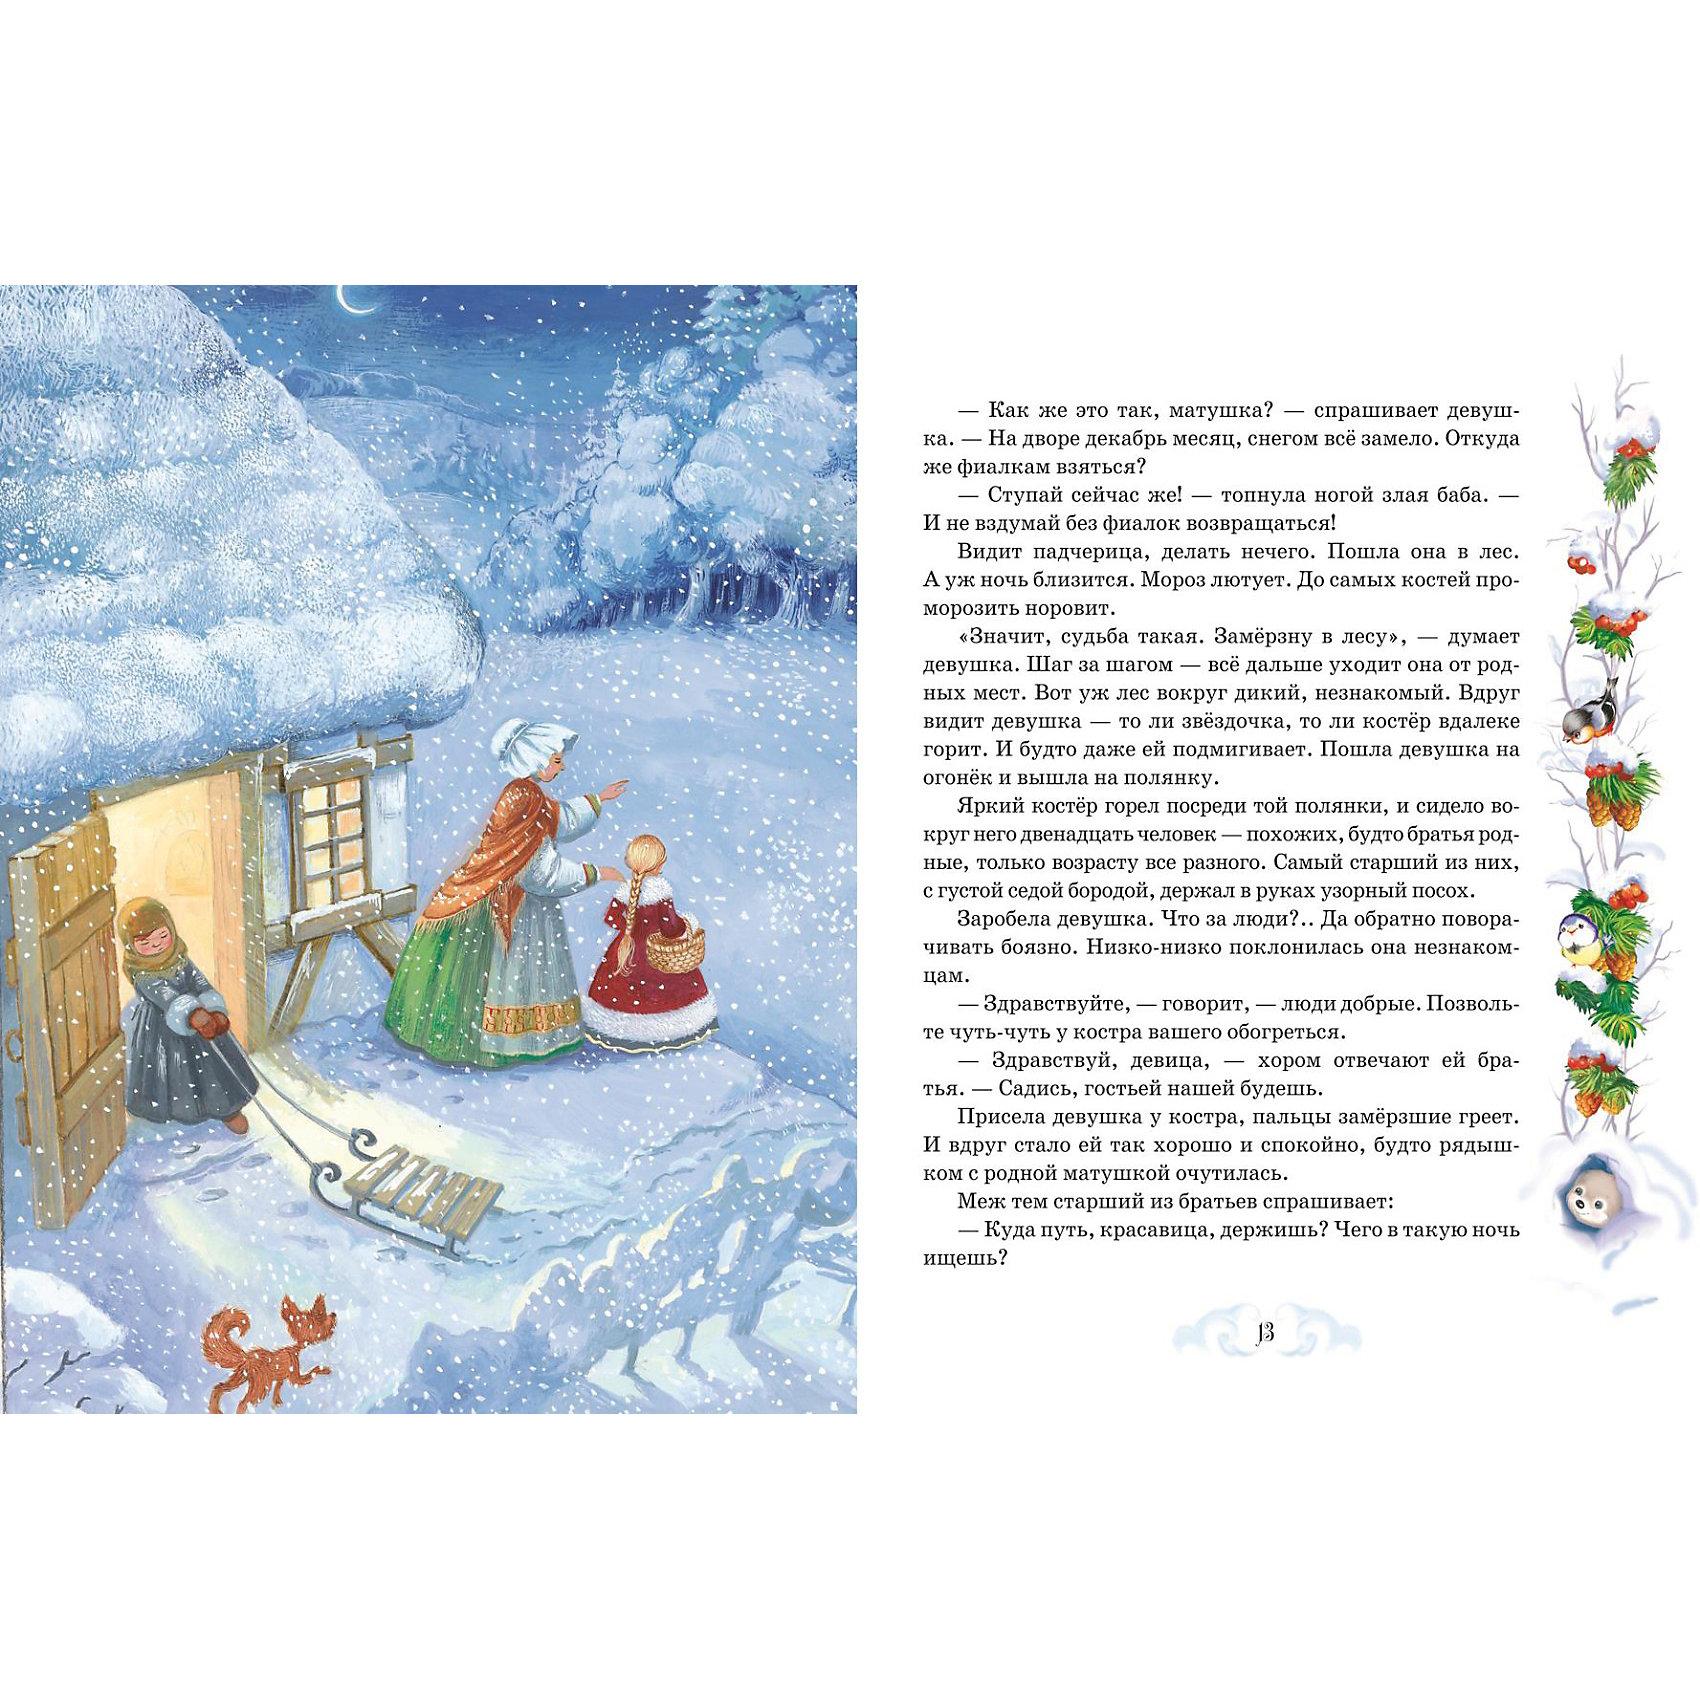 Дары Волхвов. Рассказ О. Генри 61